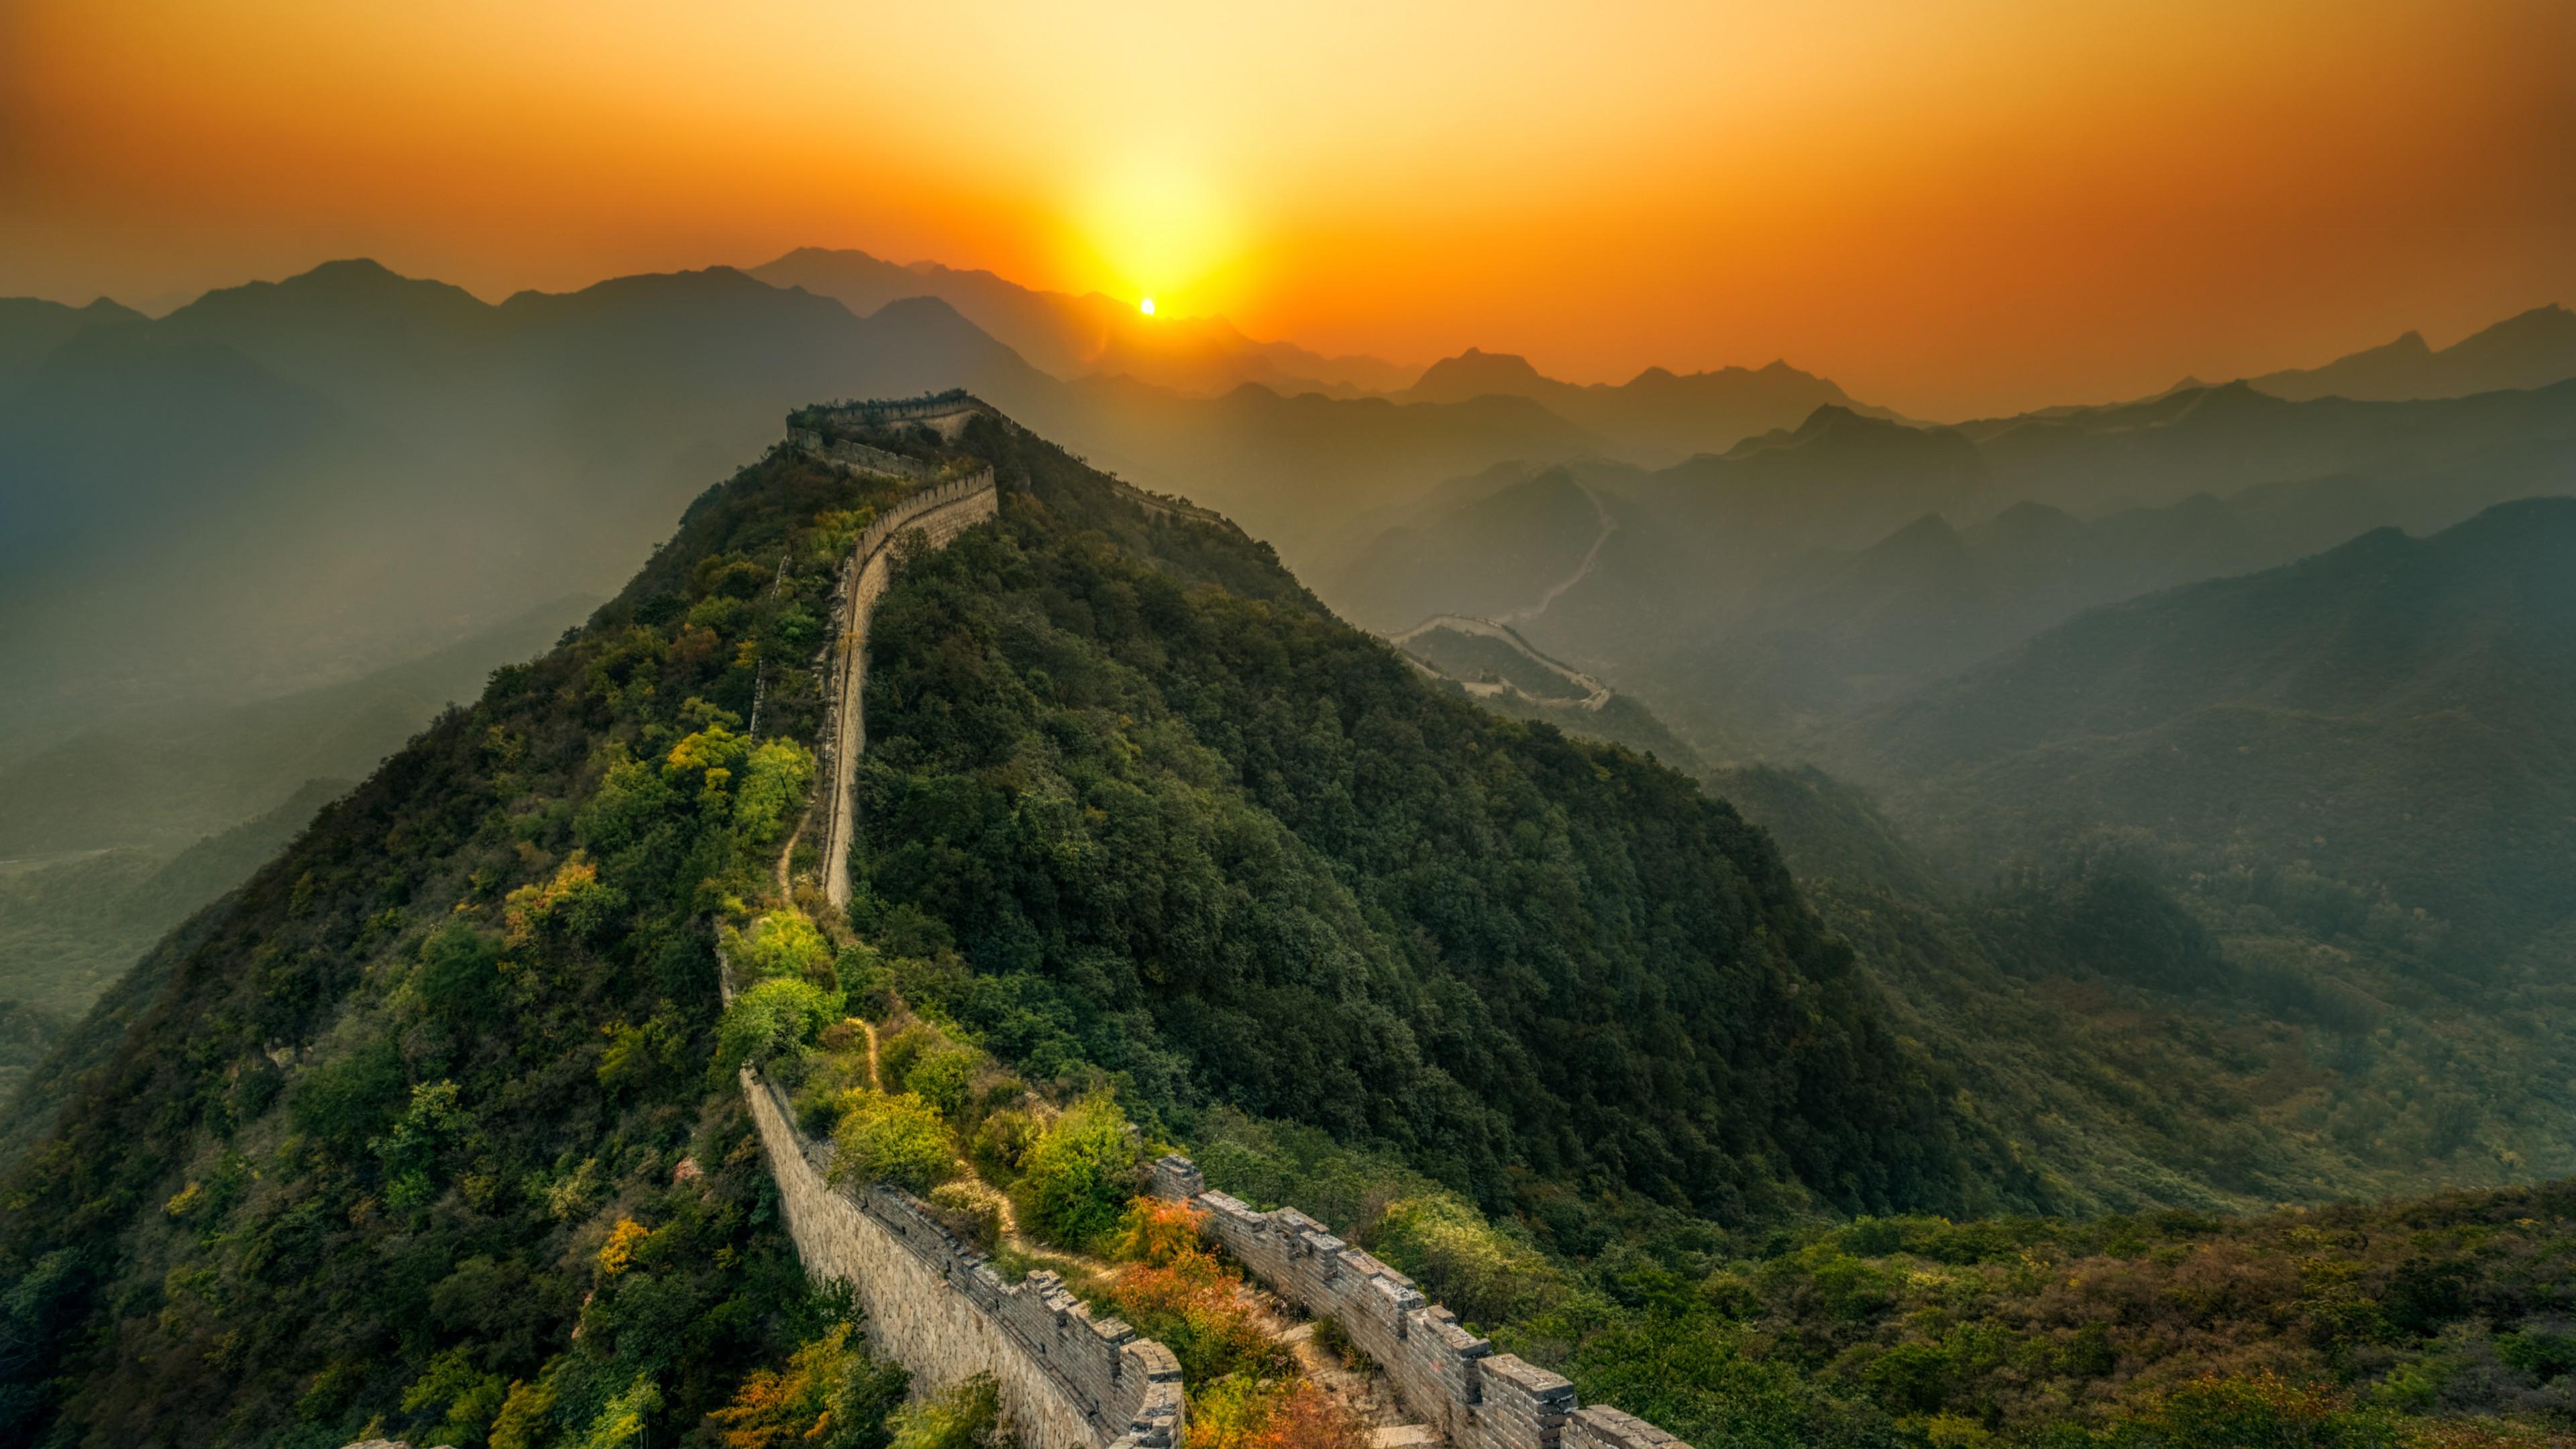 Great Wall Of China Abandoned 571407 Hd Wallpaper